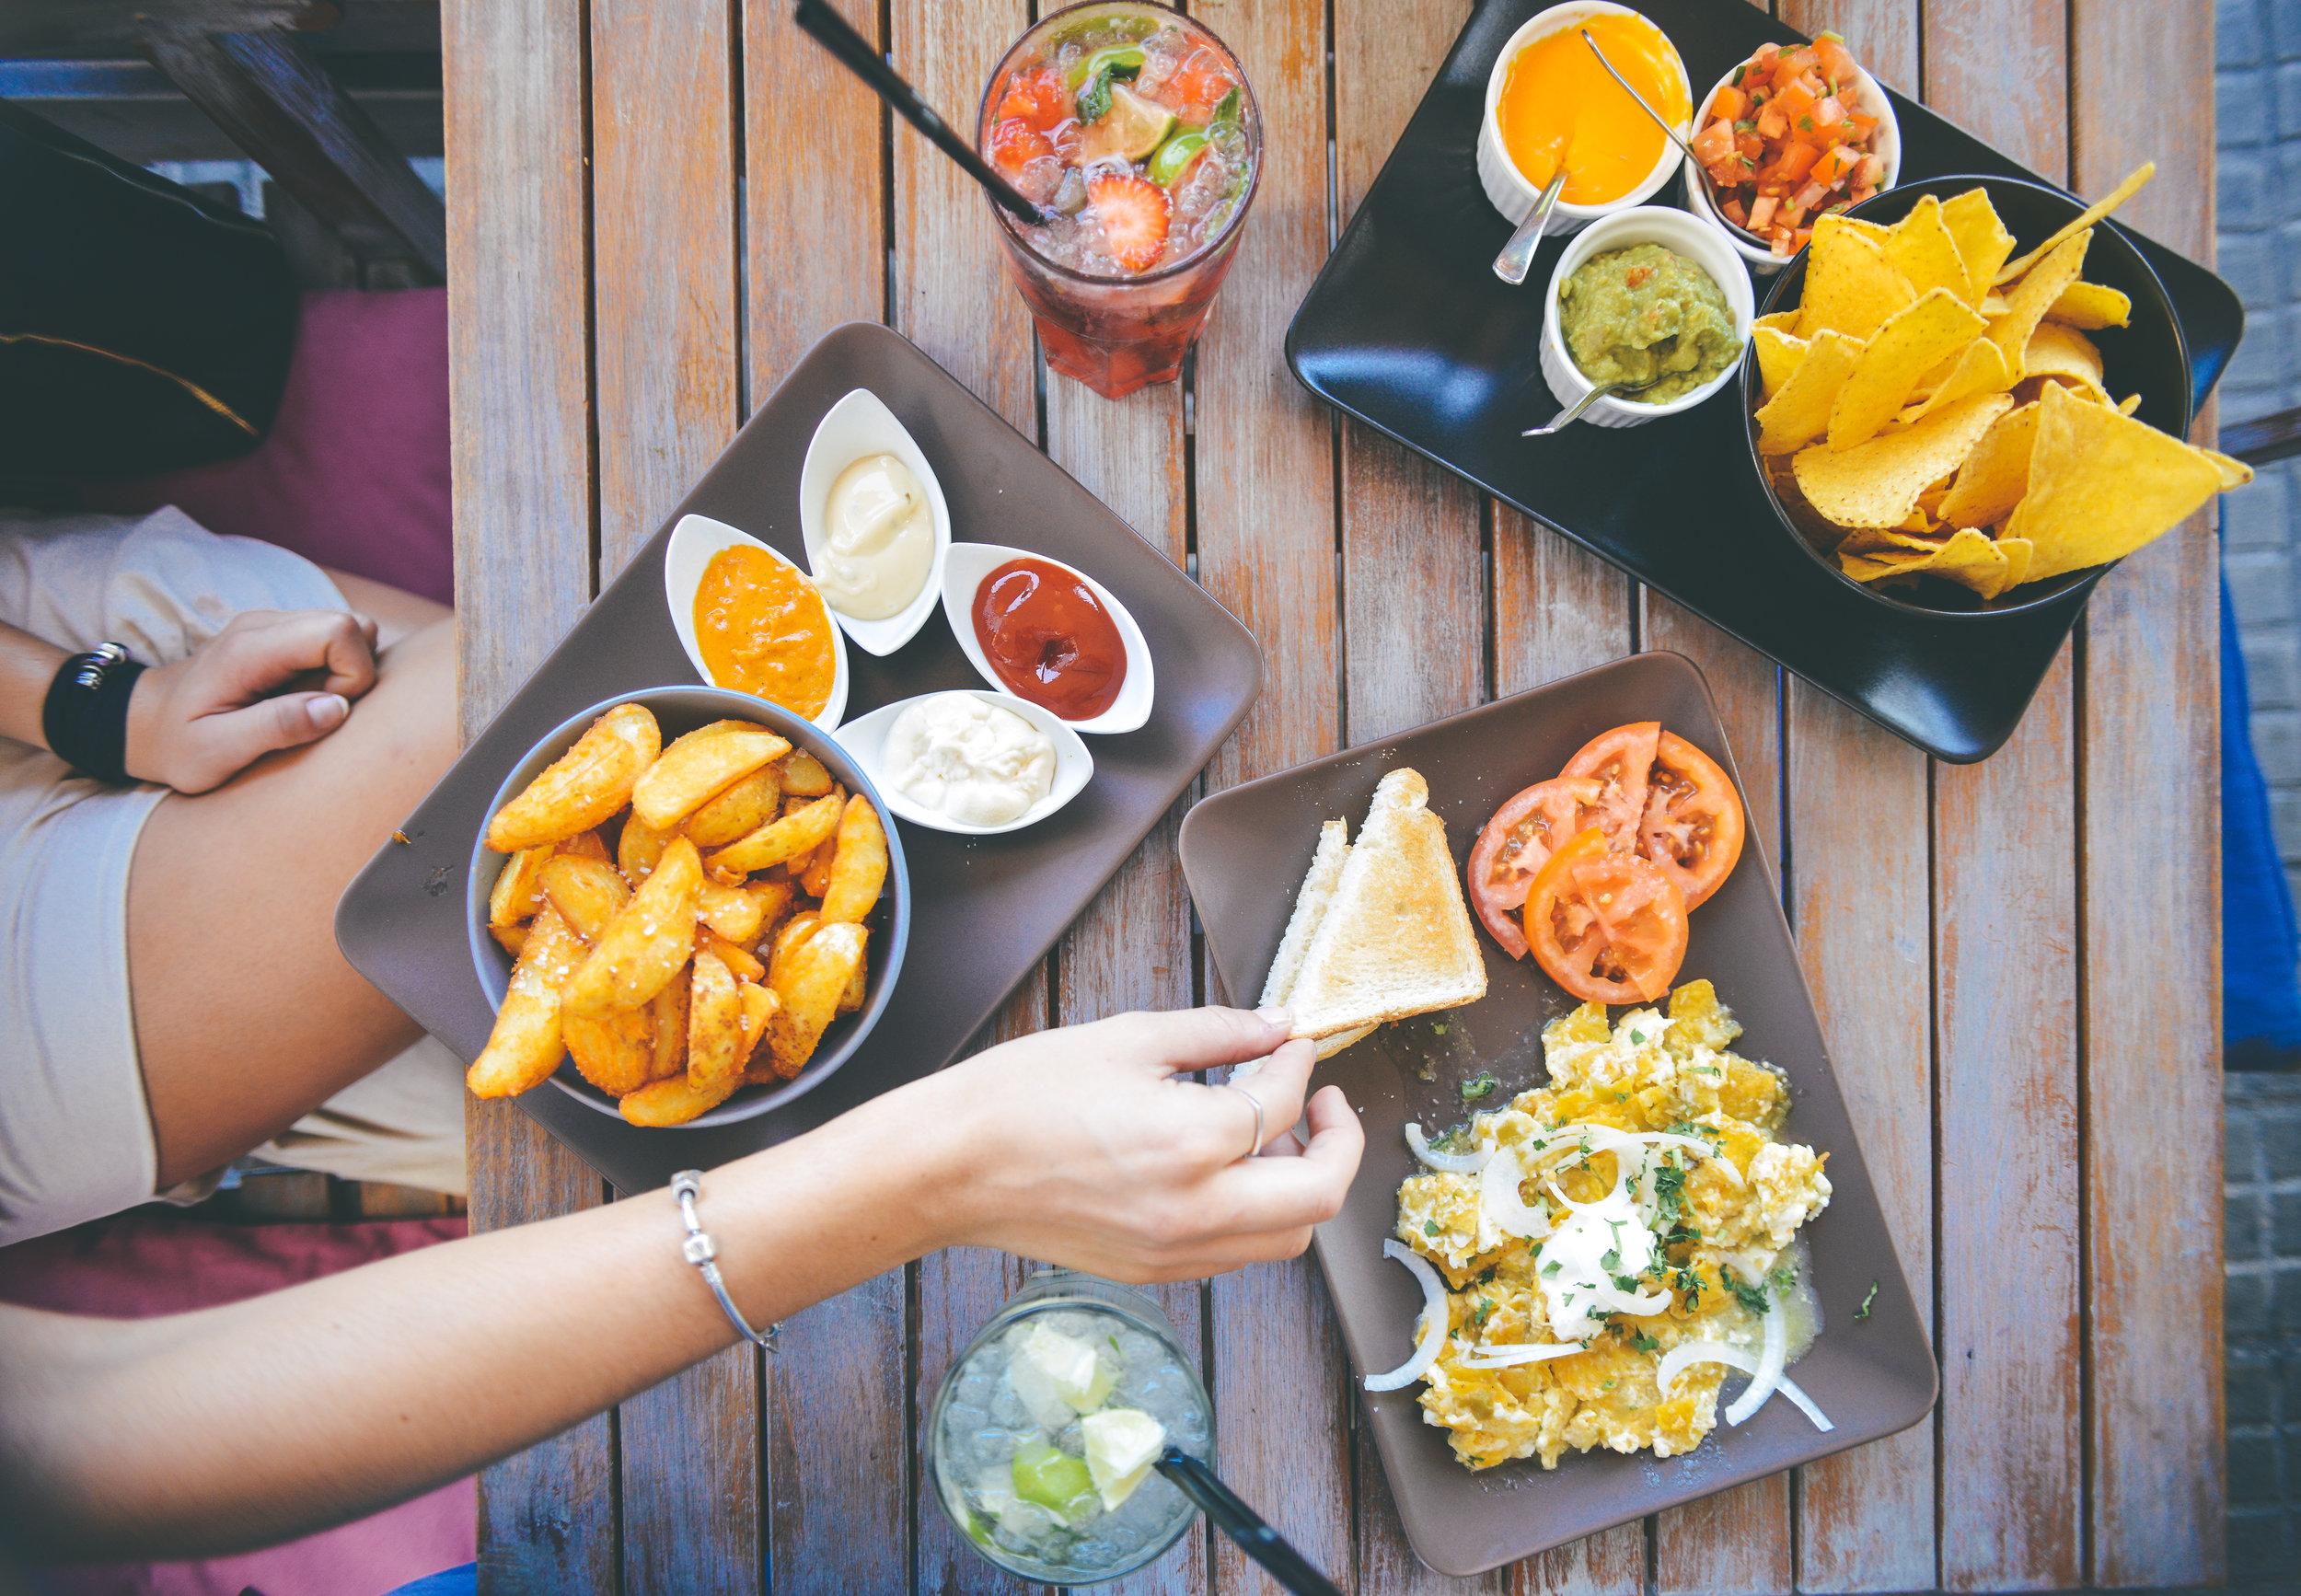 food-salad-restaurant-athlete.jpg